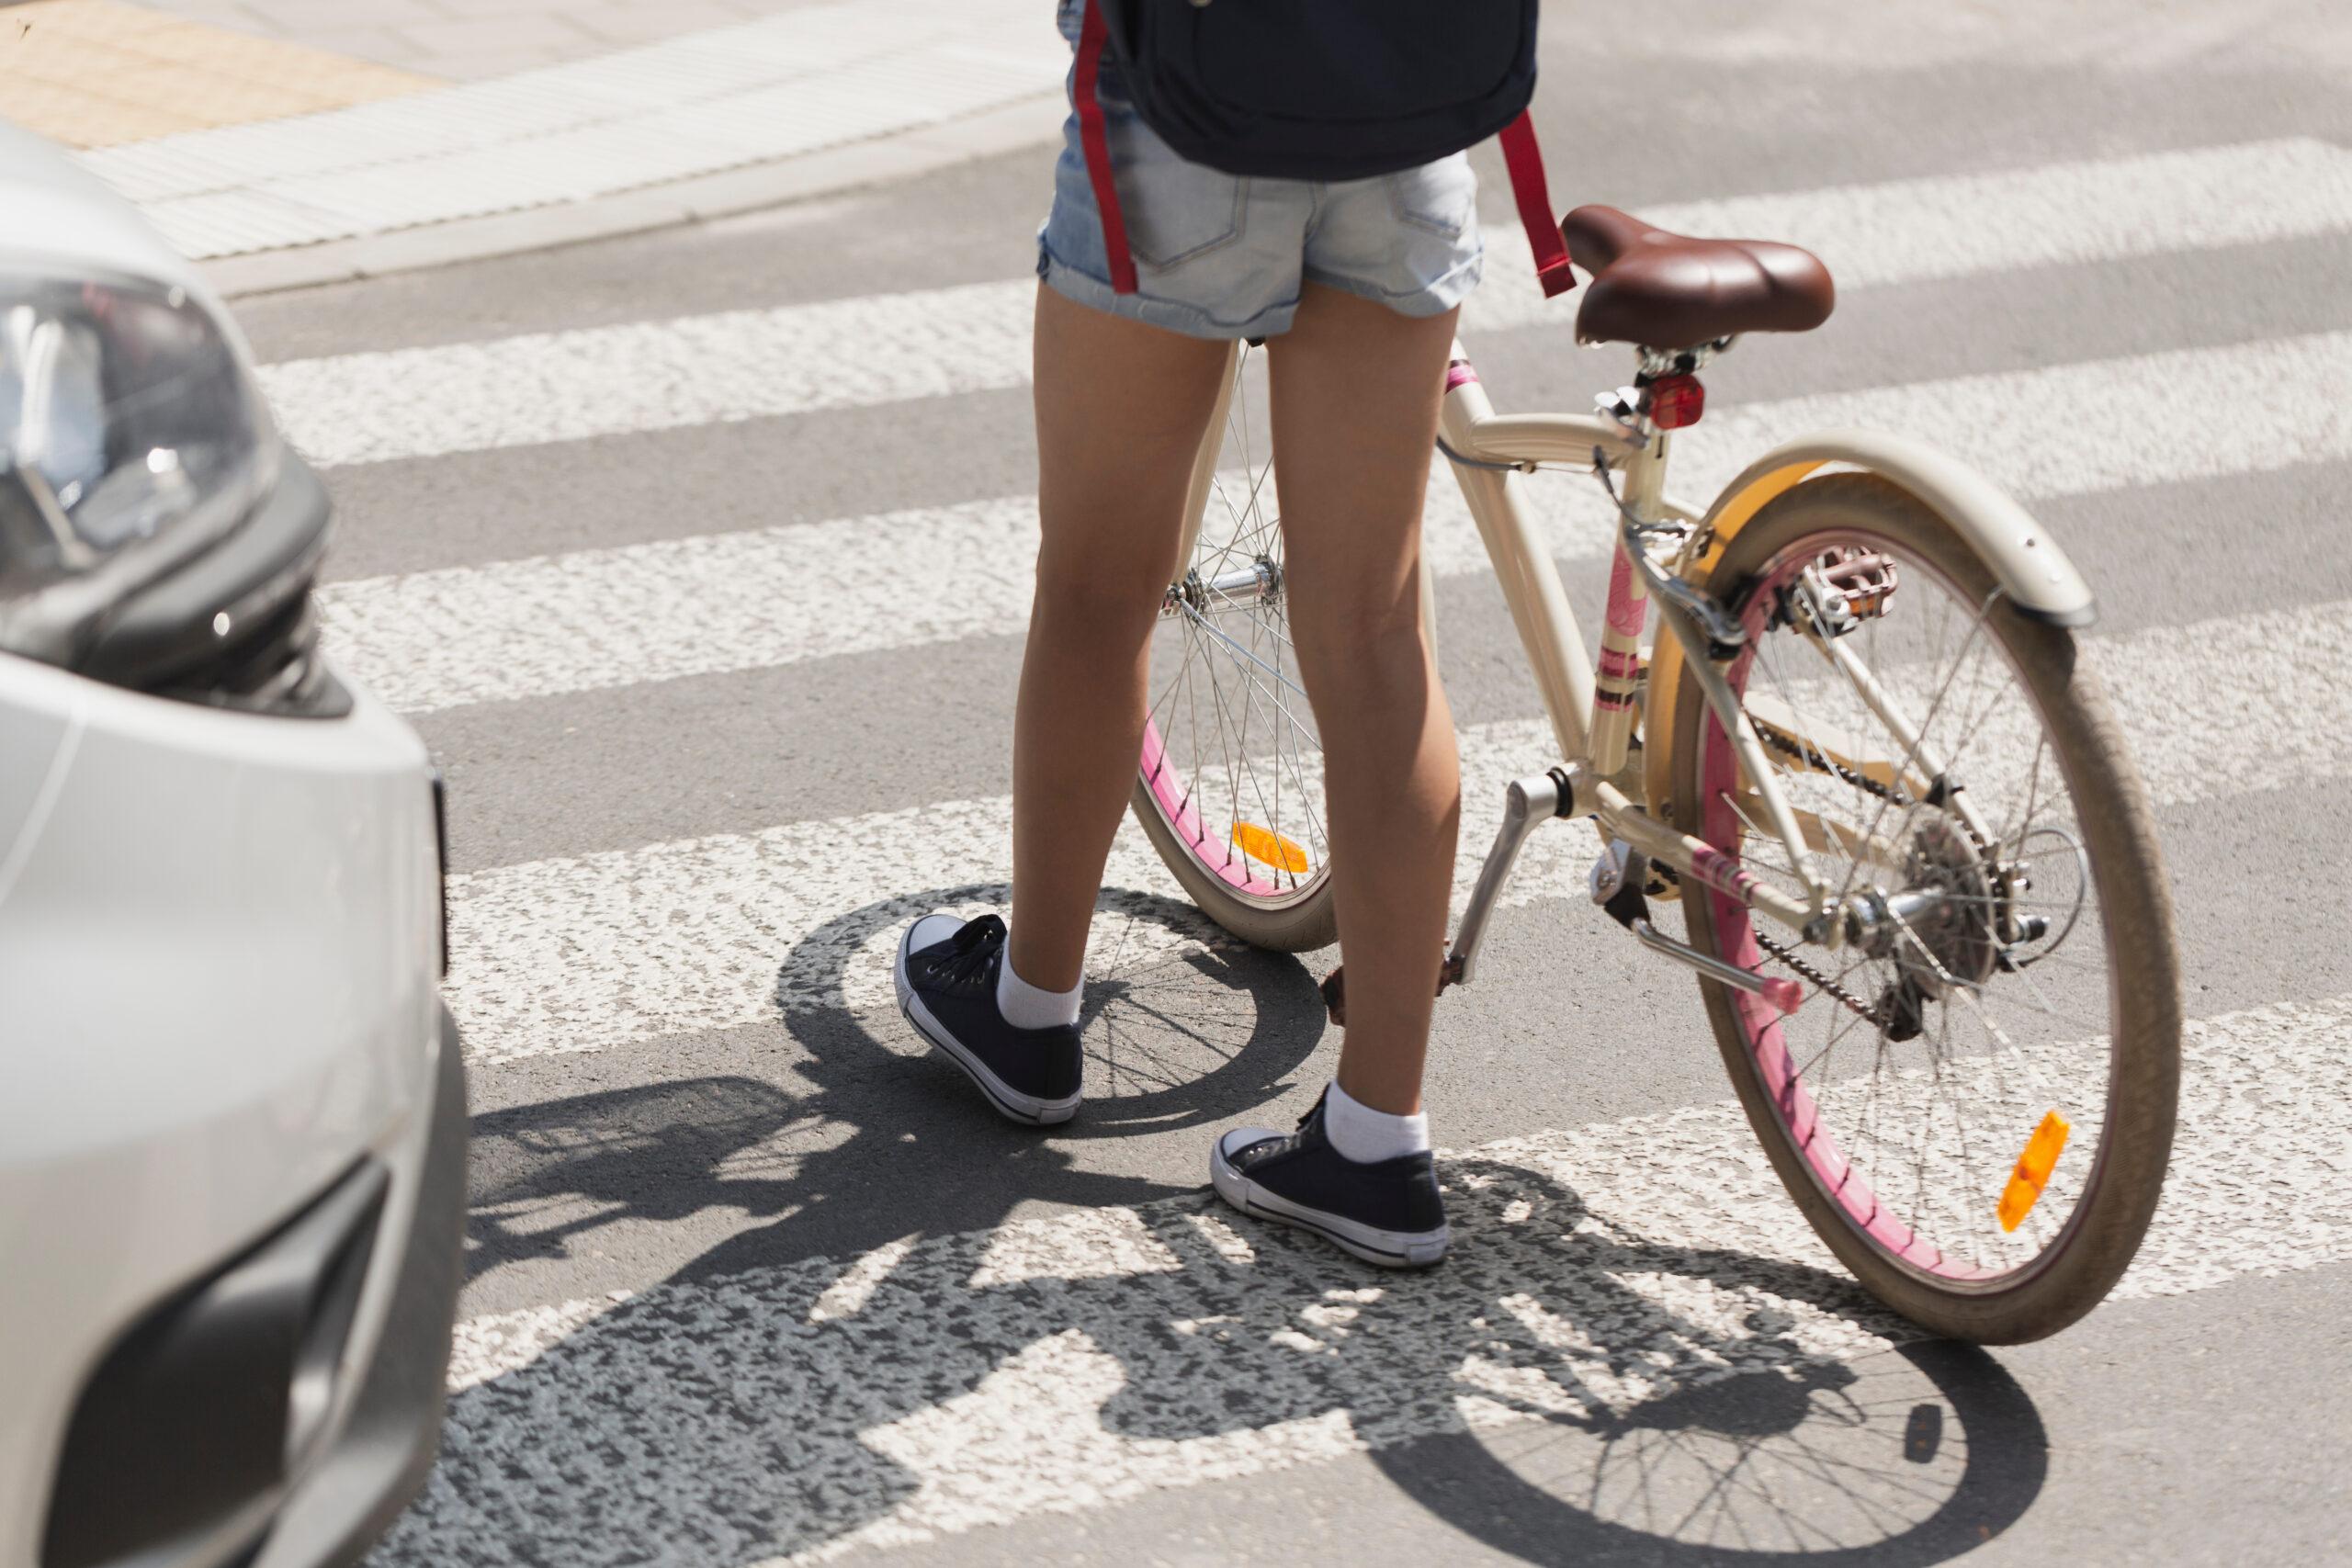 Personne qui traverse une rue avec son vélo